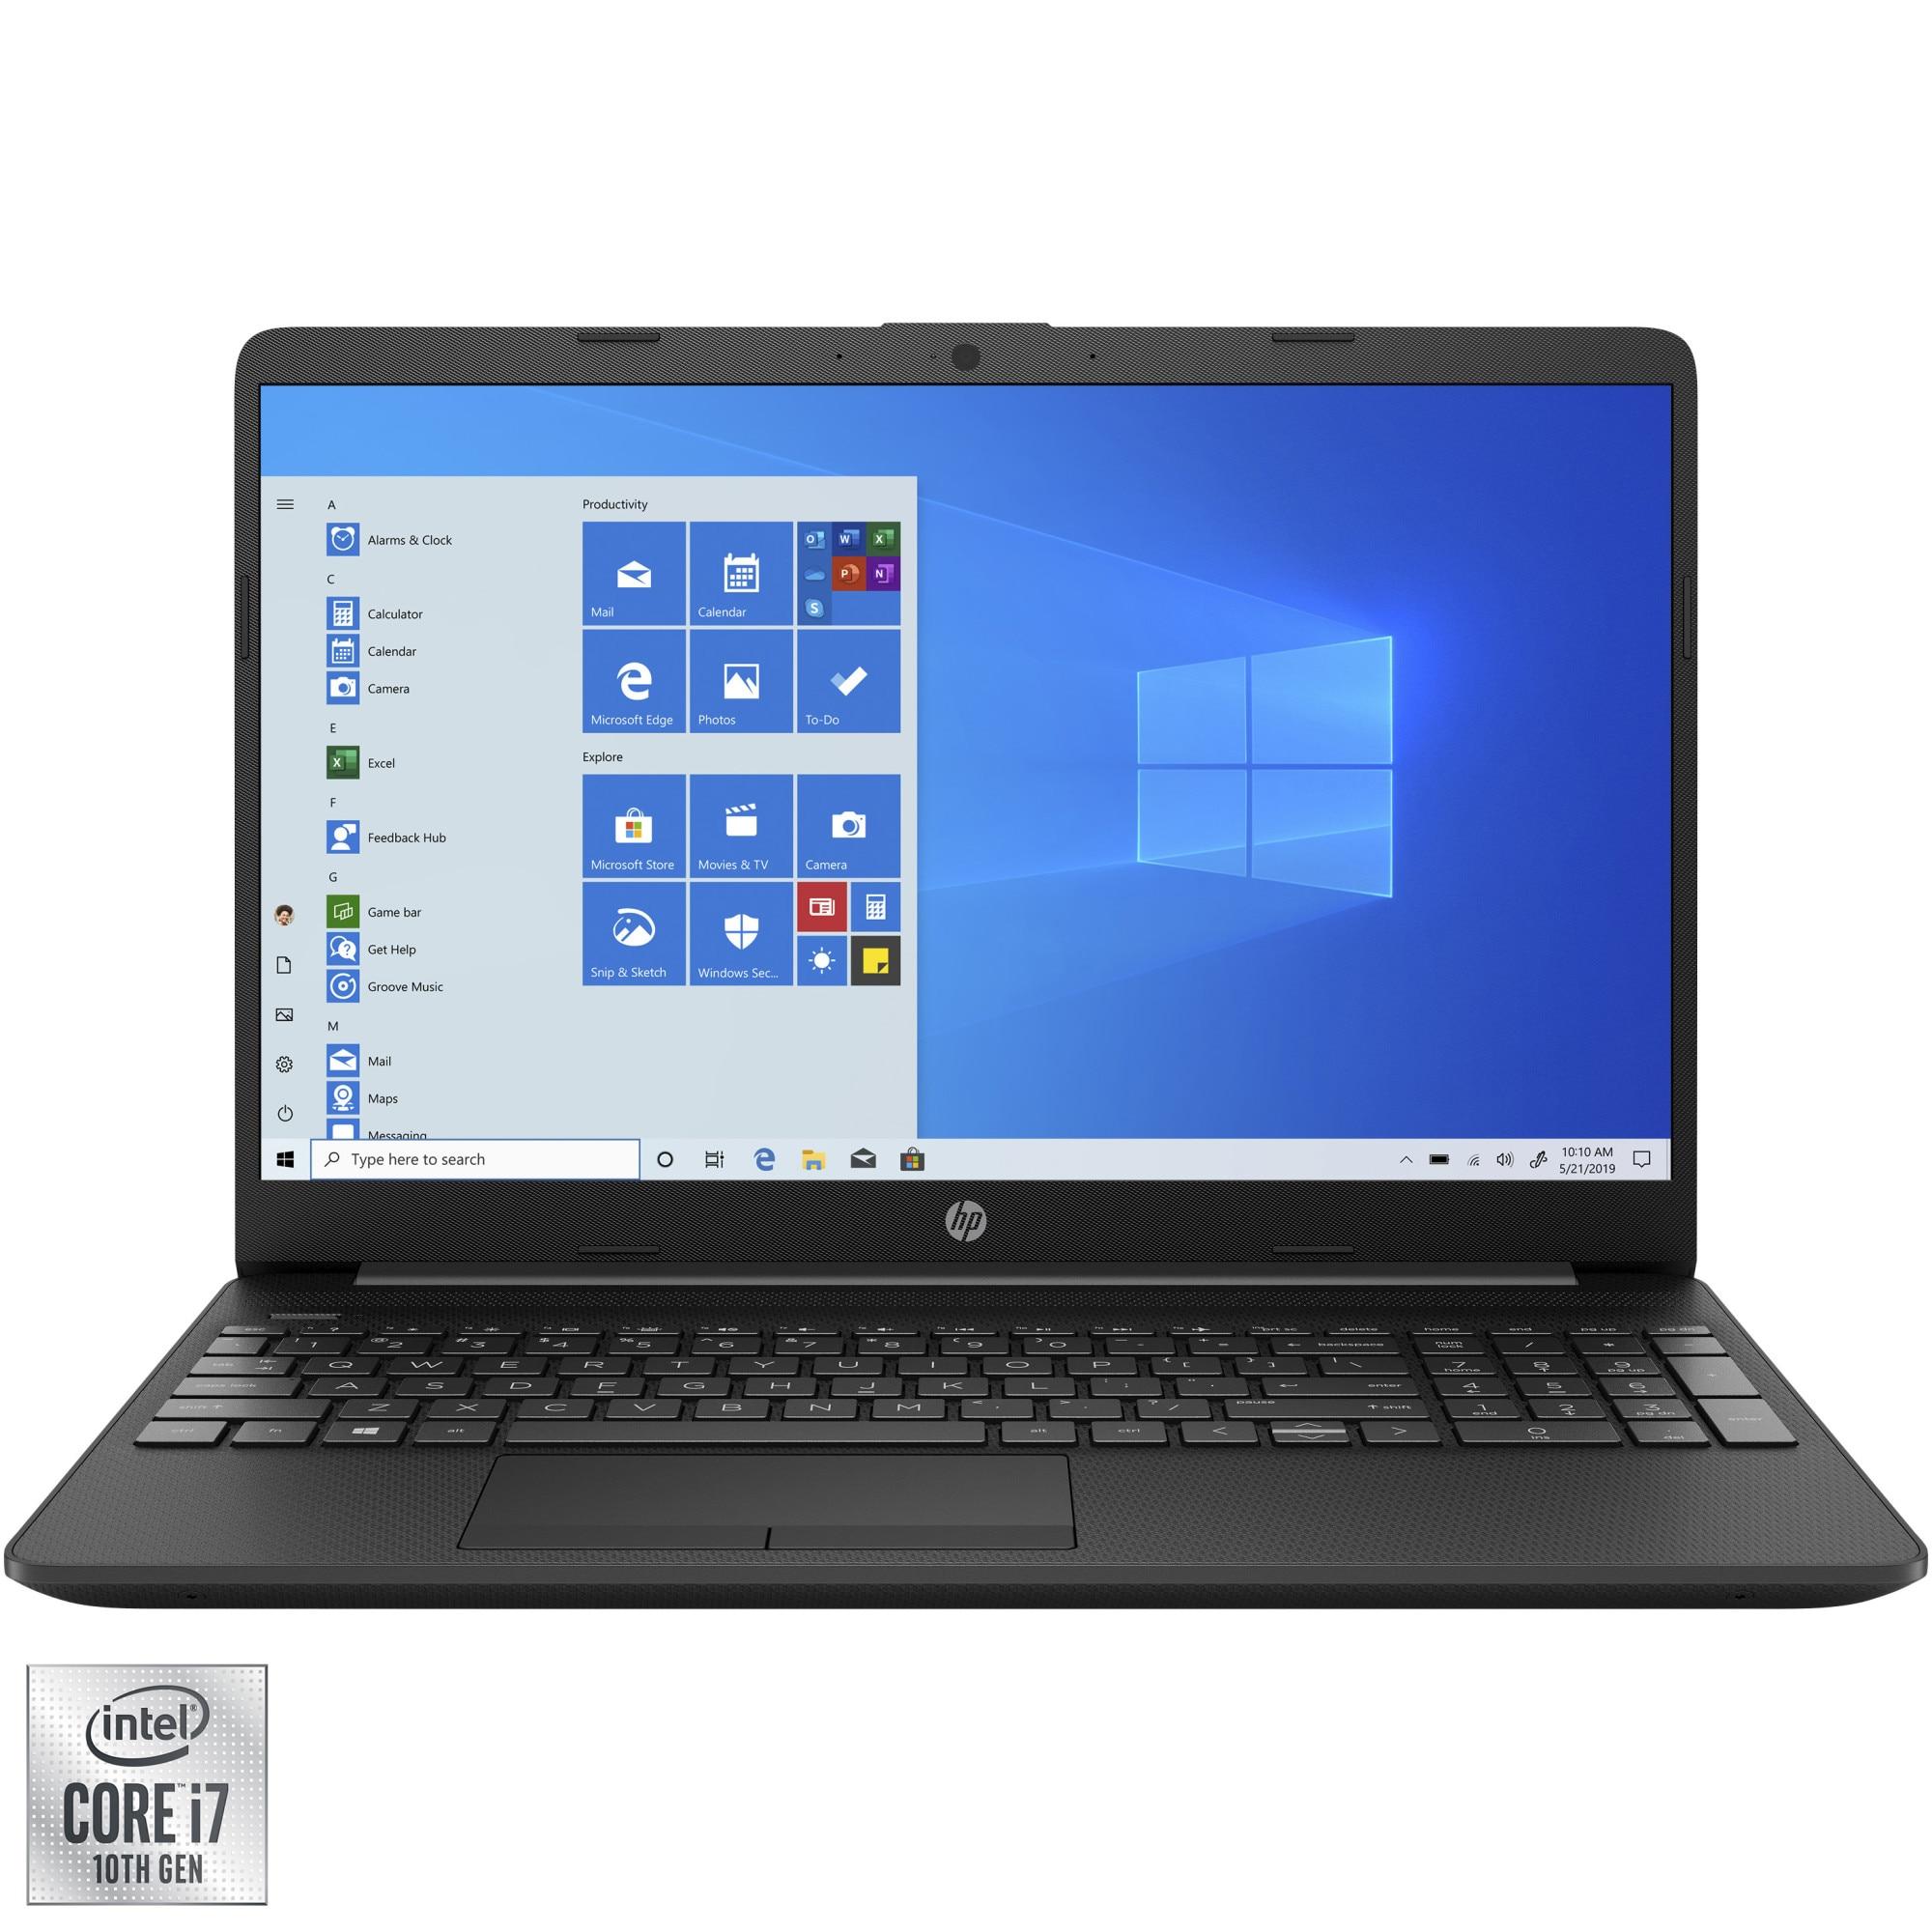 """Fotografie Laptop HP 15-dw2022nq cu procesor Intel® Core™ i7-1065G7 pana la 3.90 GHz, 15.6"""", Full HD, 8GB, 512GB SSD, NVIDIA® GeForce® MX330 2GB, Windows 10 Home, Black"""